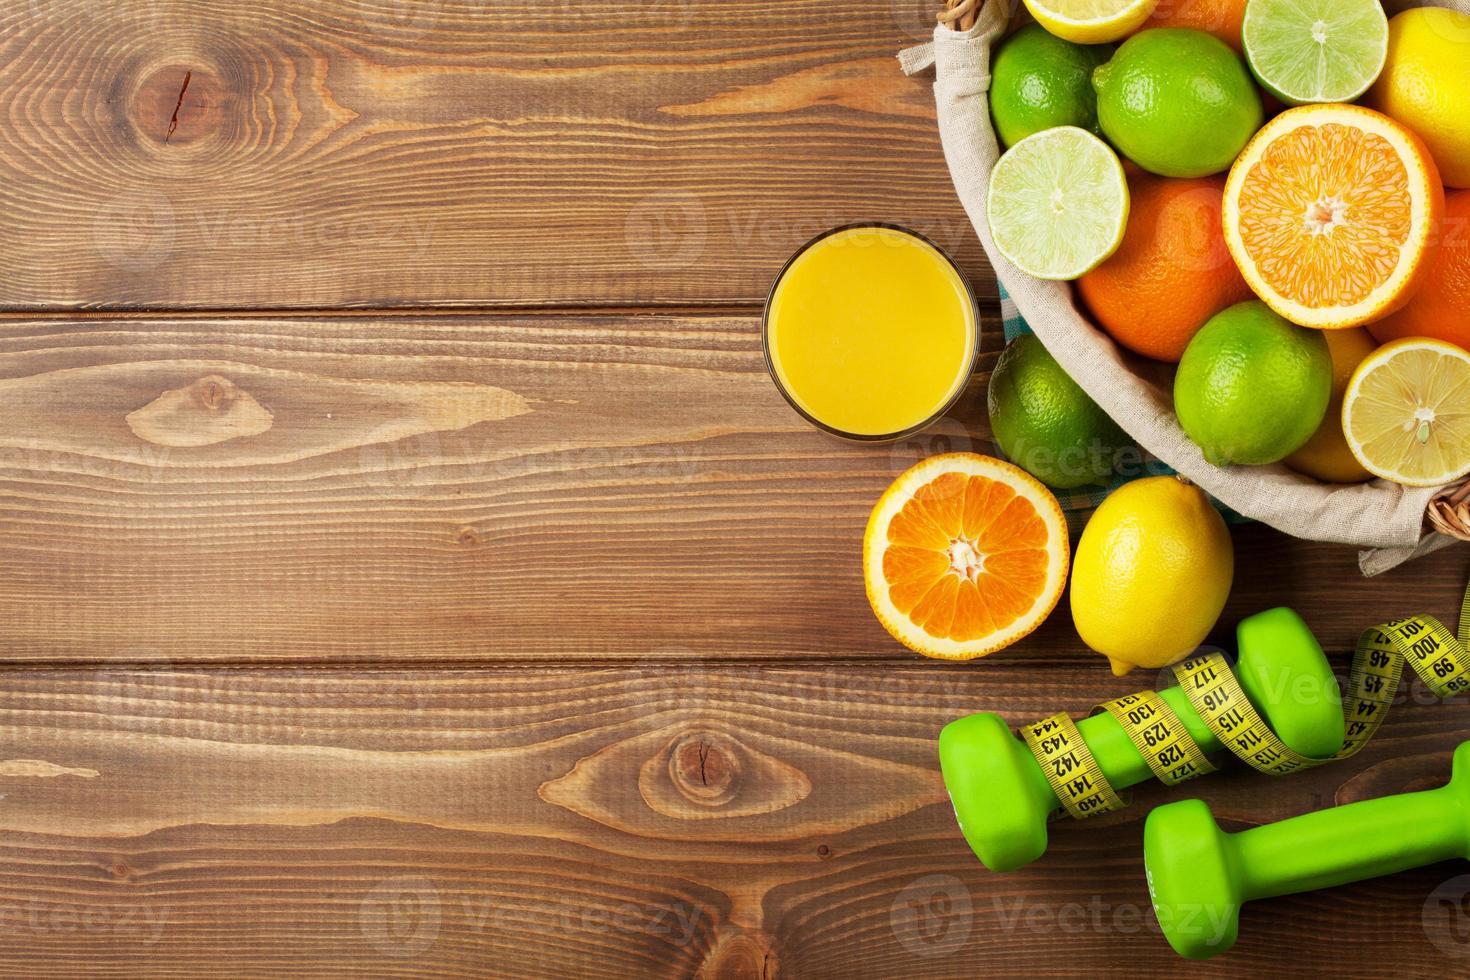 agrumes dans le panier et les haltères. oranges, limes et citrons photo